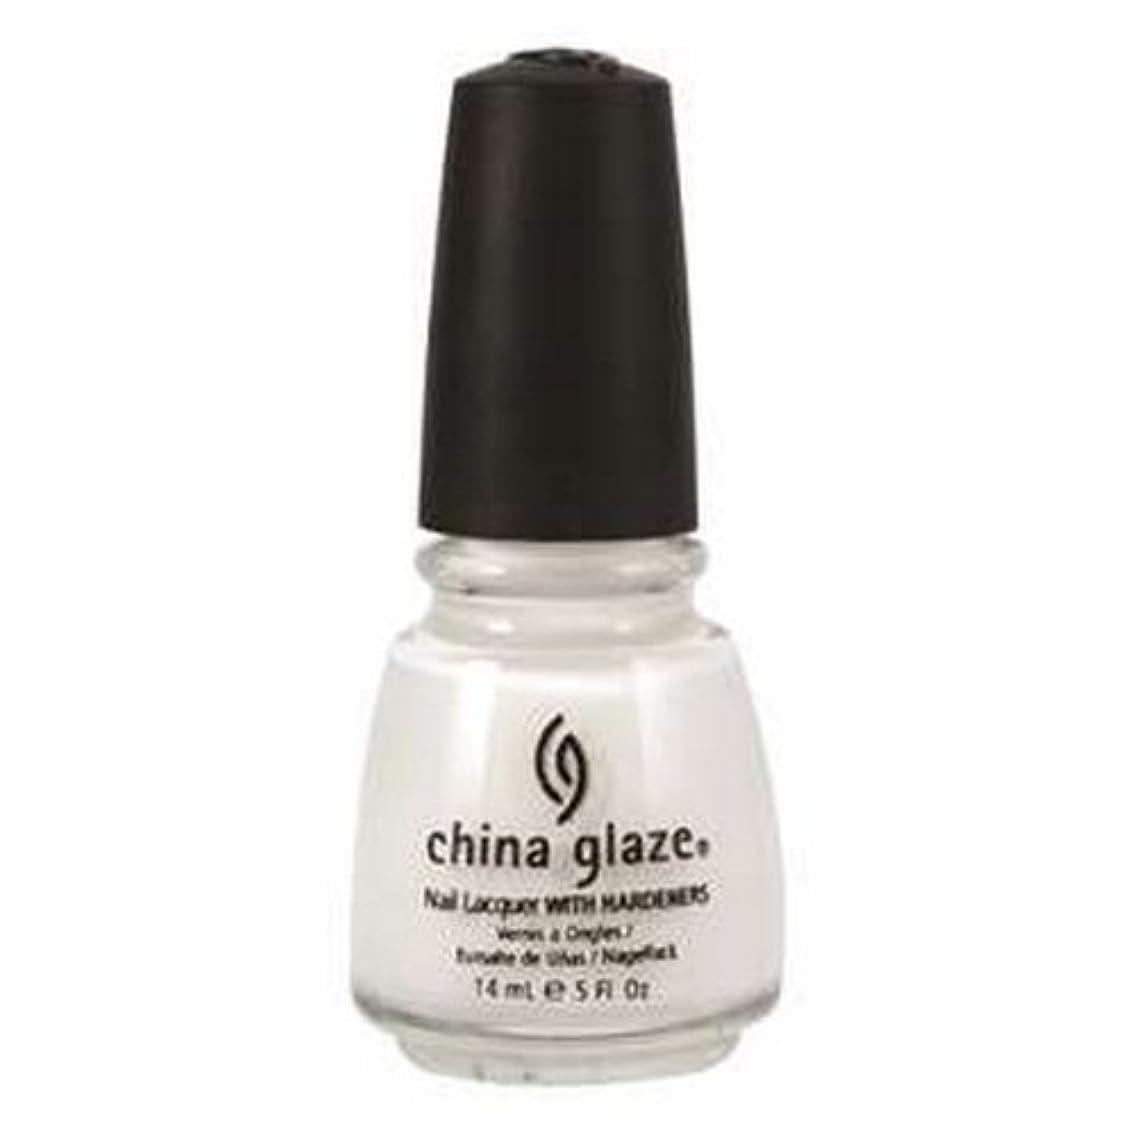 略す人類理論的(6 Pack) CHINA GLAZE Nail Lacquer with Nail Hardner 2 - Snow (並行輸入品)